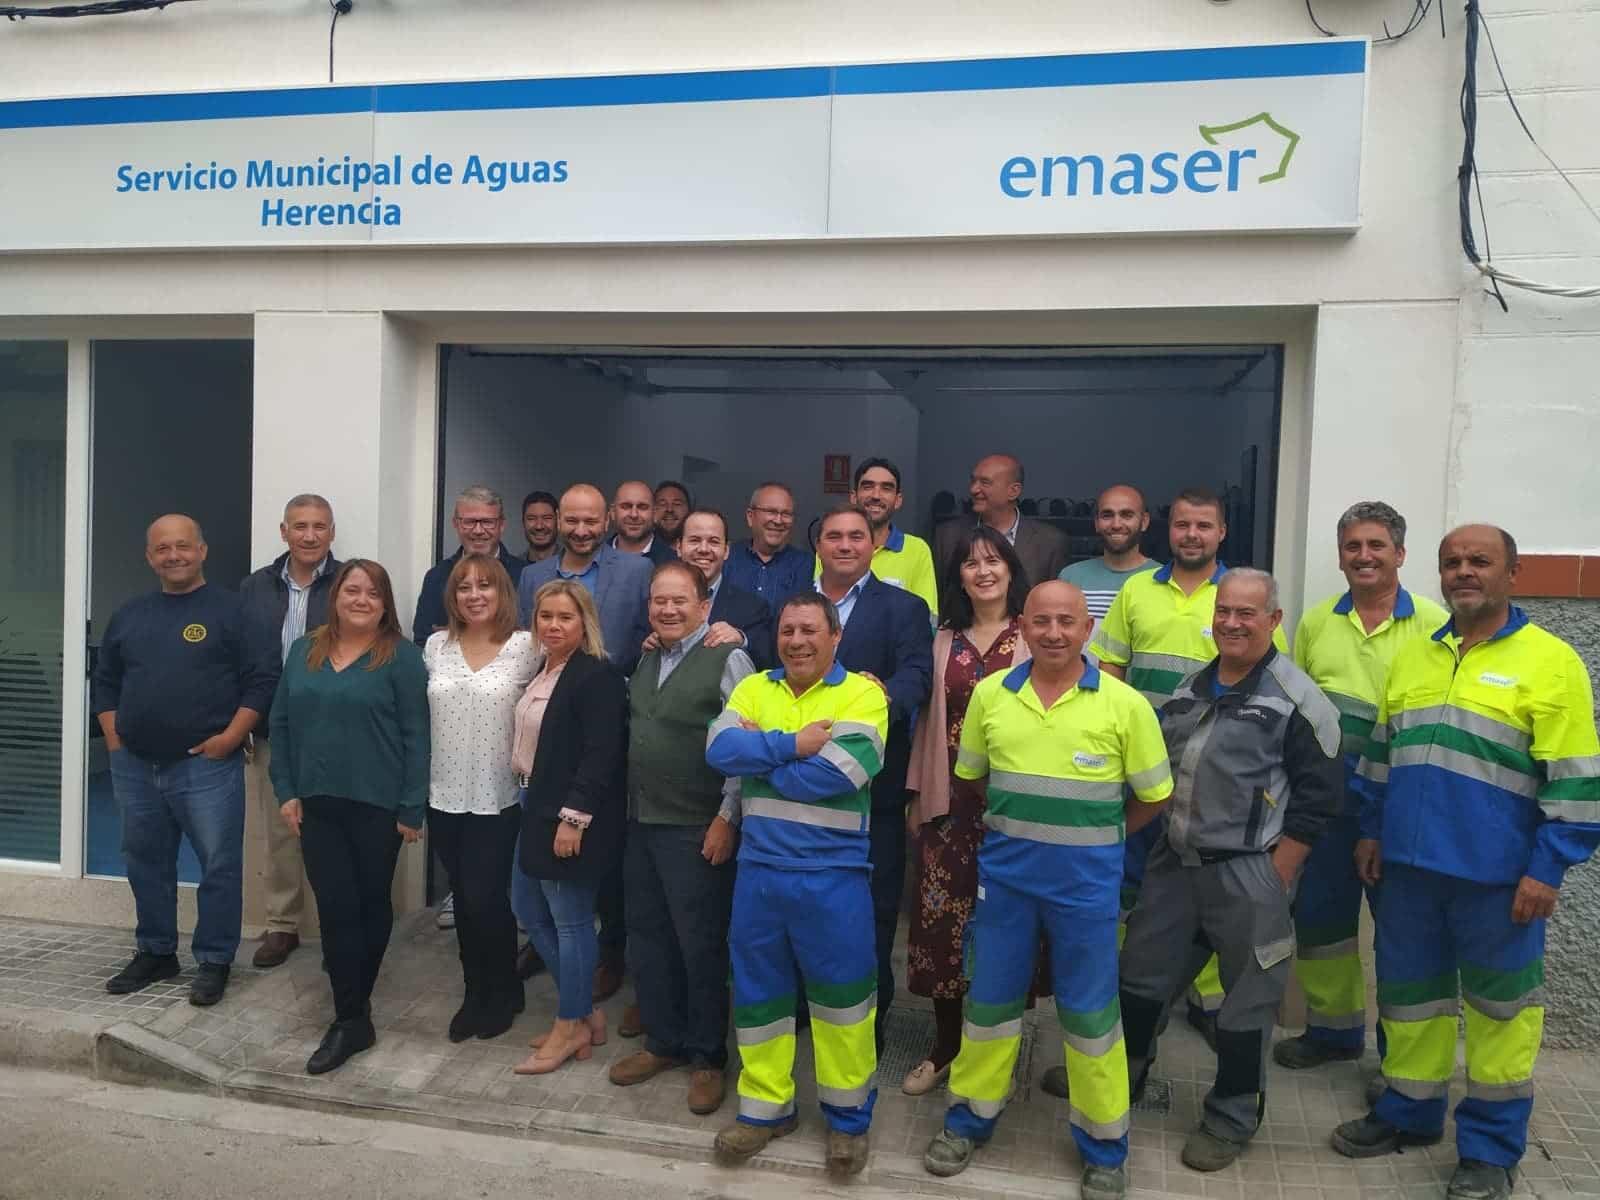 nueva sede emaser herencia 1 - Inaugurada la nueva oficina del Servicio de Aguas Emaser en Herencia